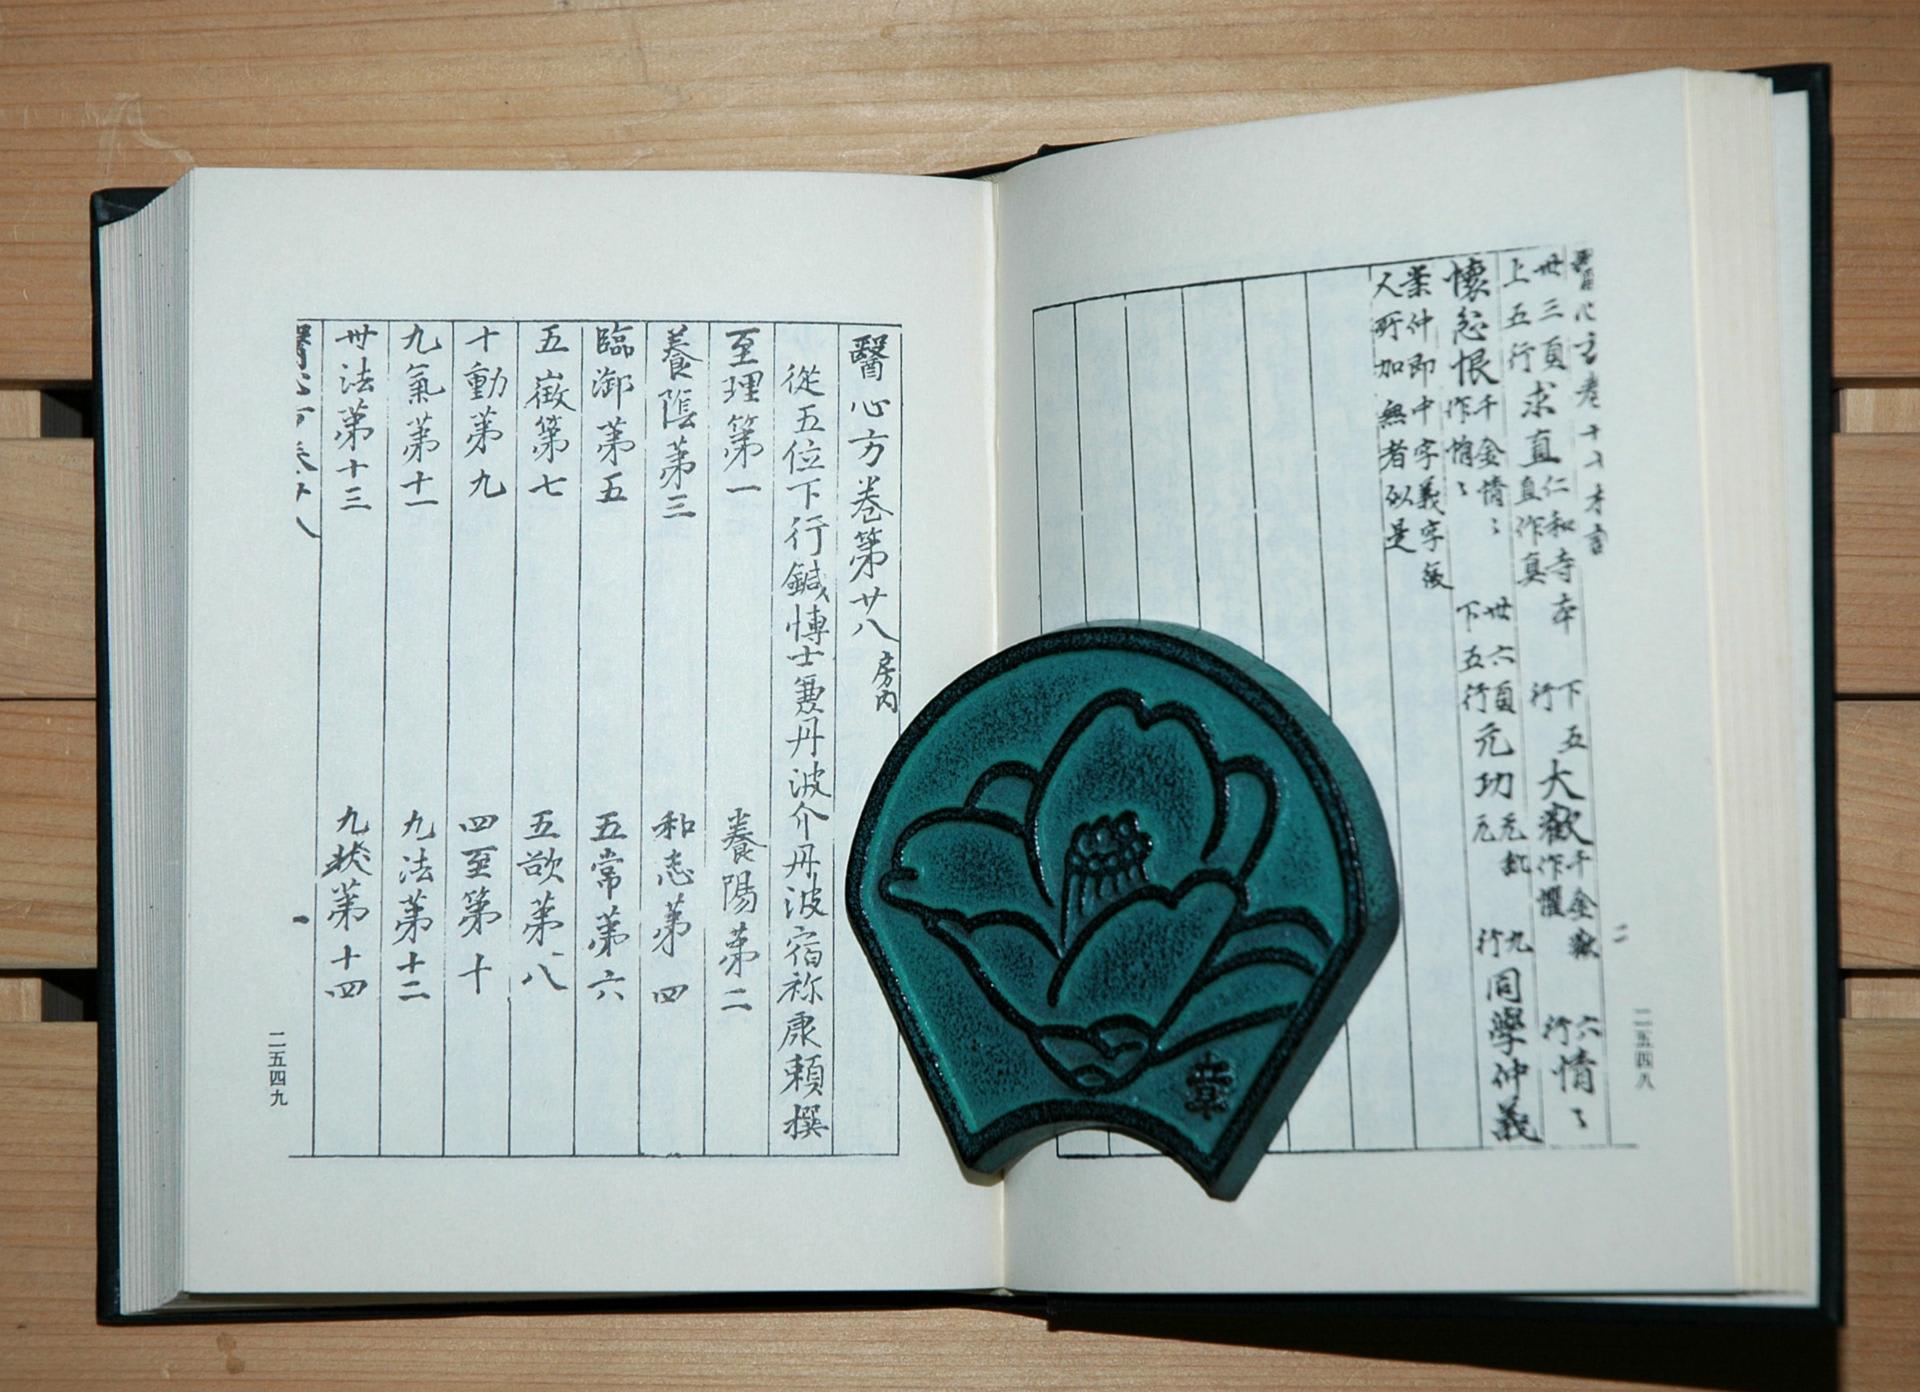 宮原 - MiyaharaForgot Password